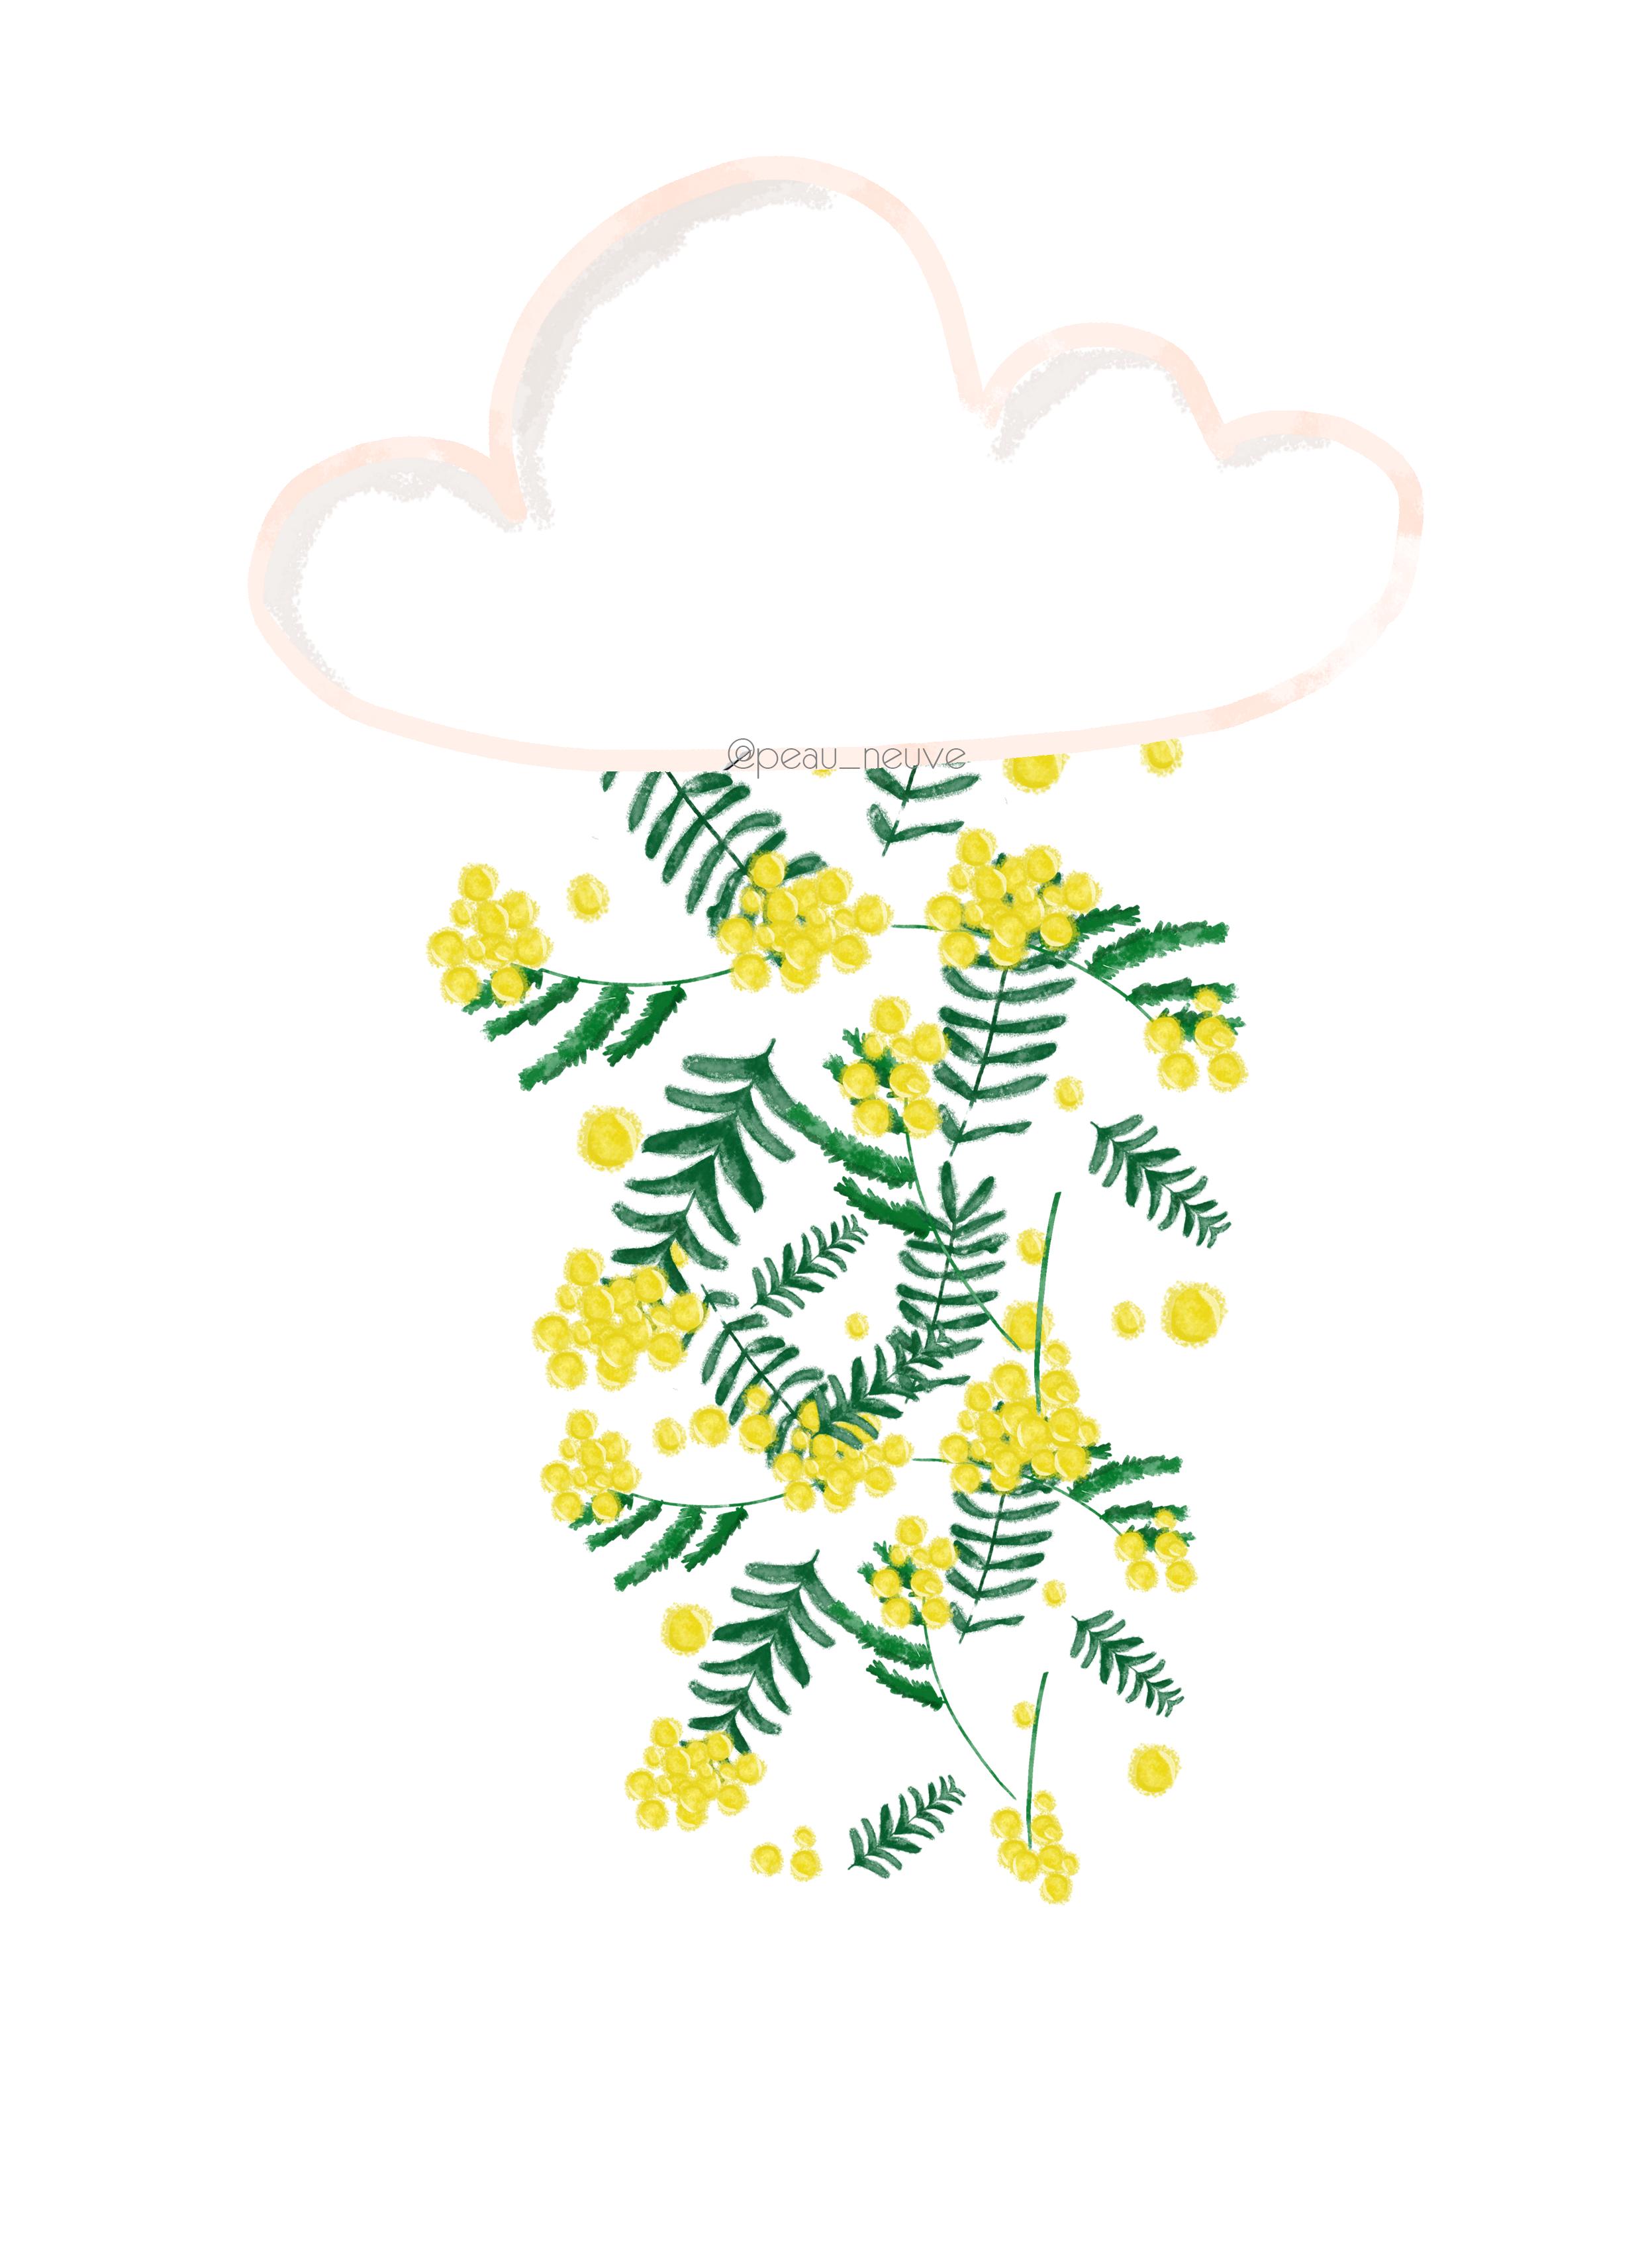 affiche pluie de mimosa - ILLUSTRATION